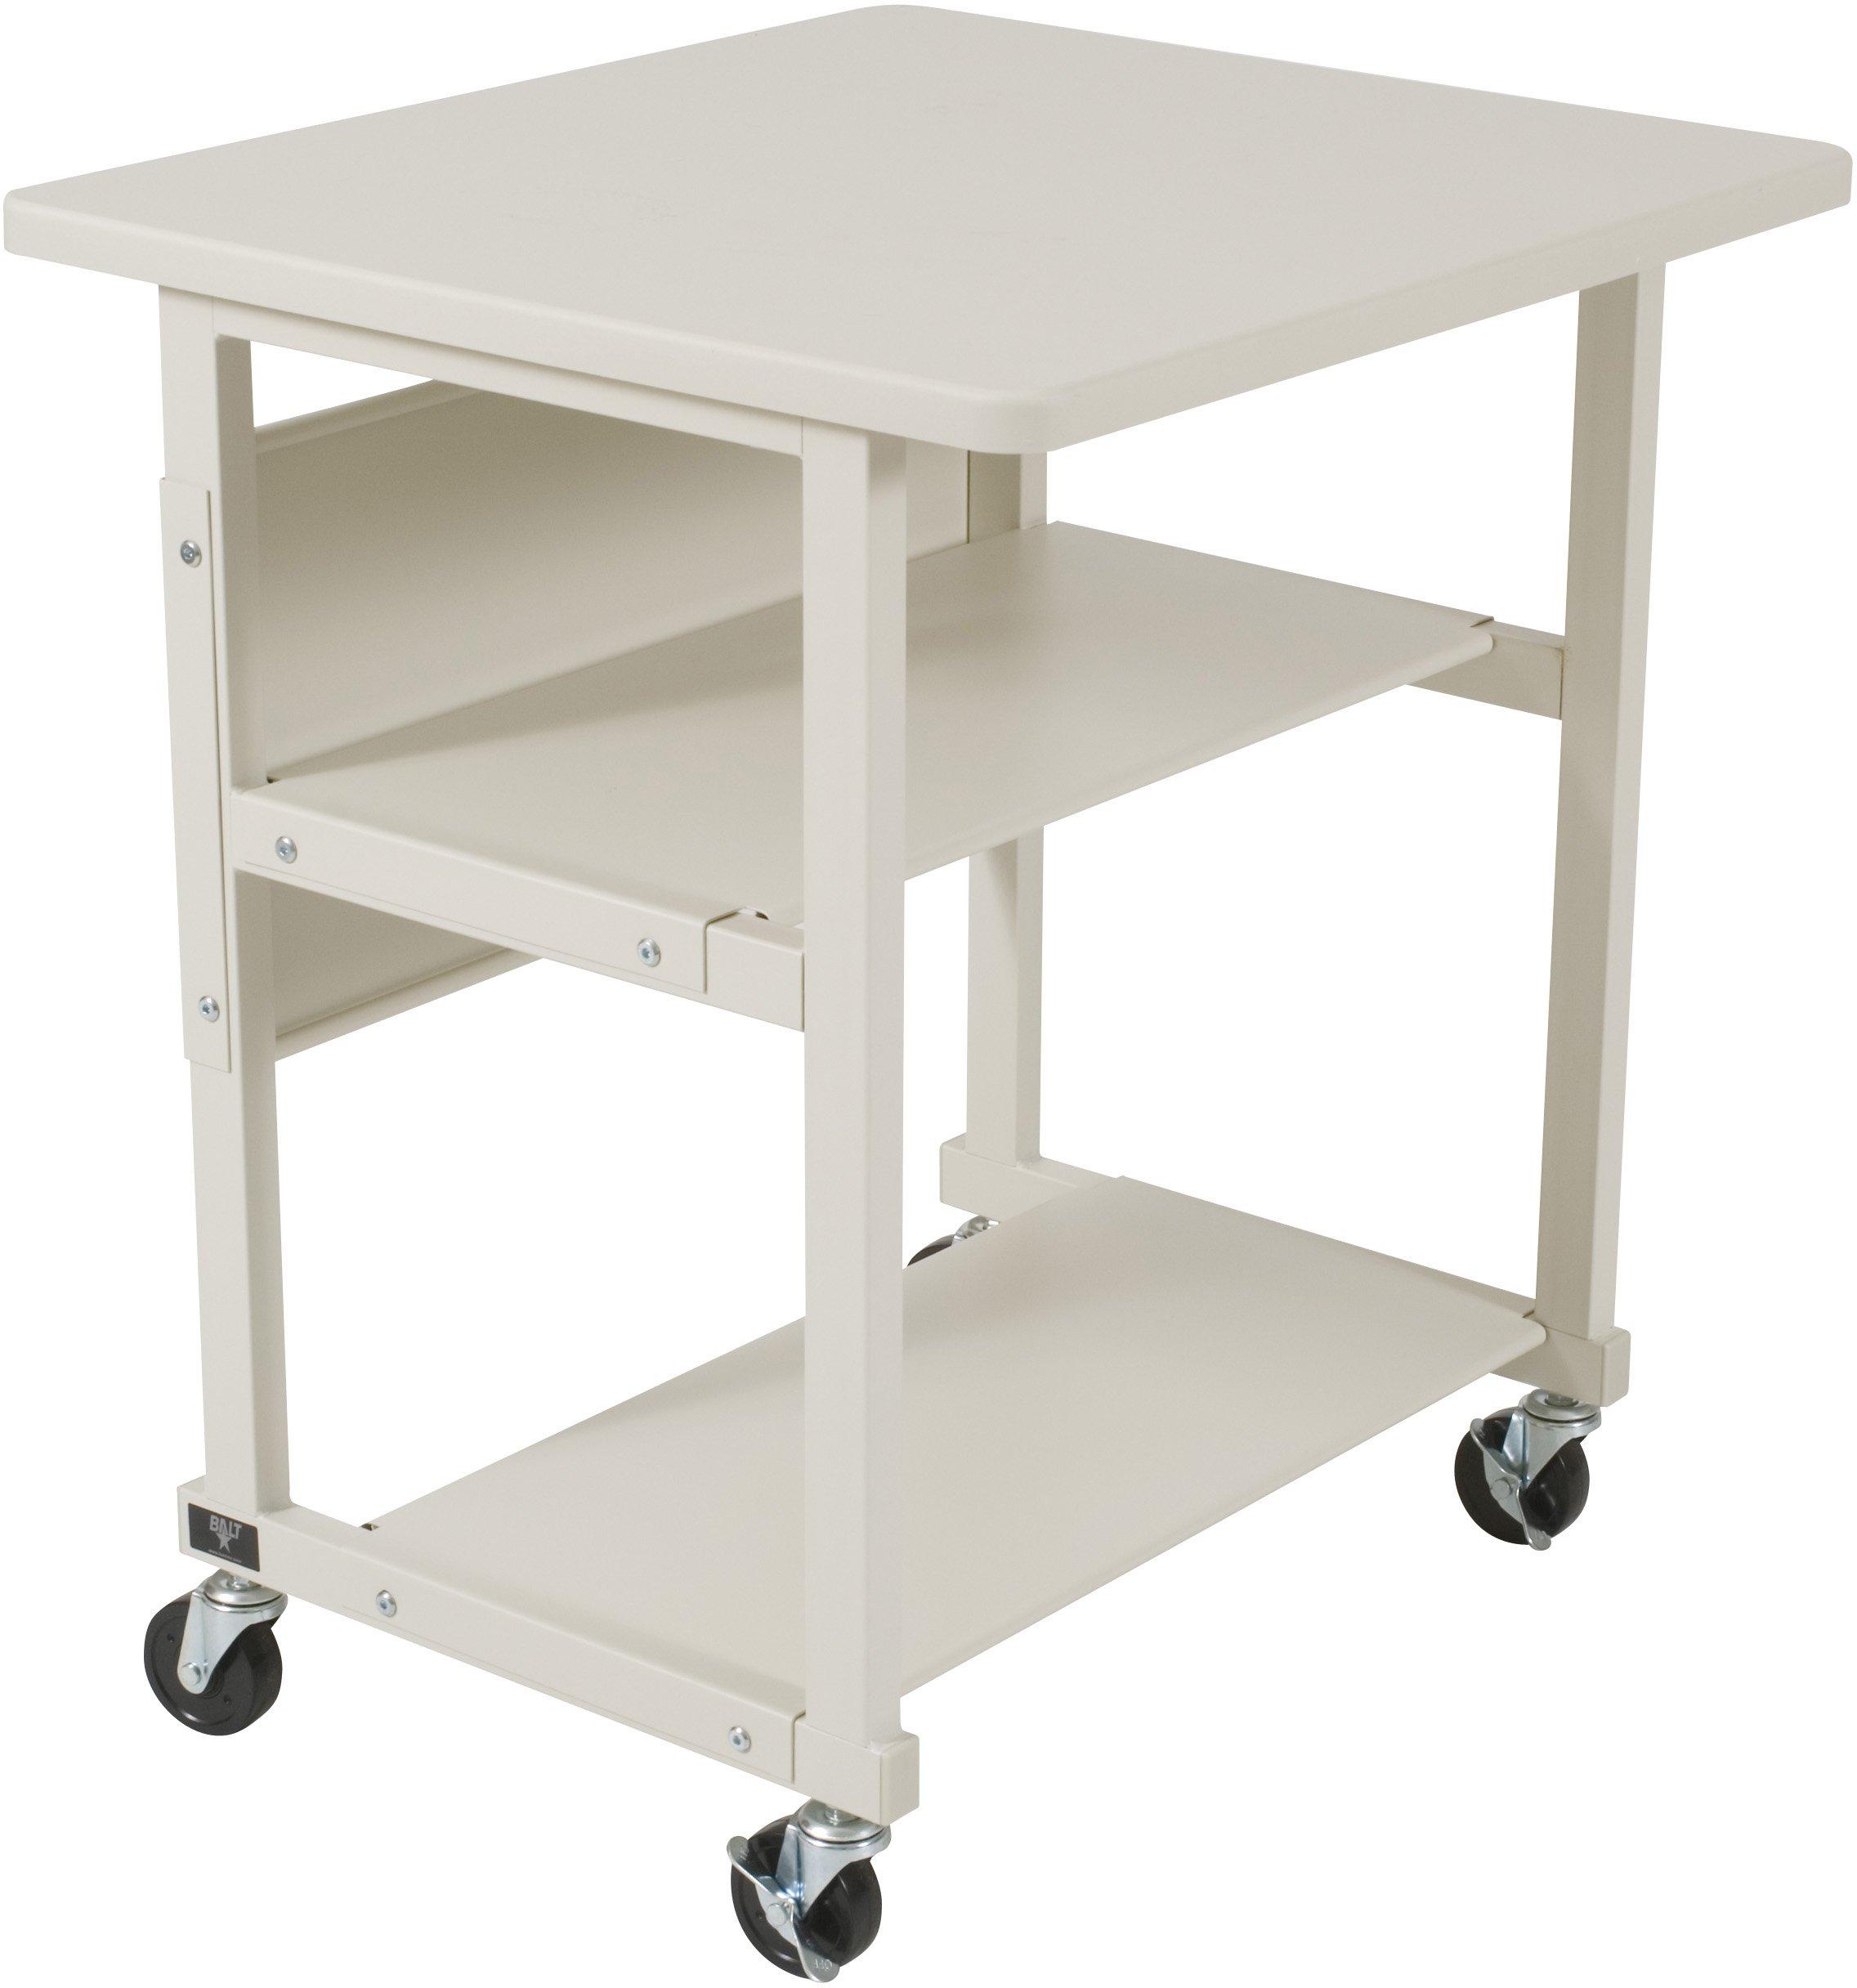 Balt Productive Classroom Furniture by Balt